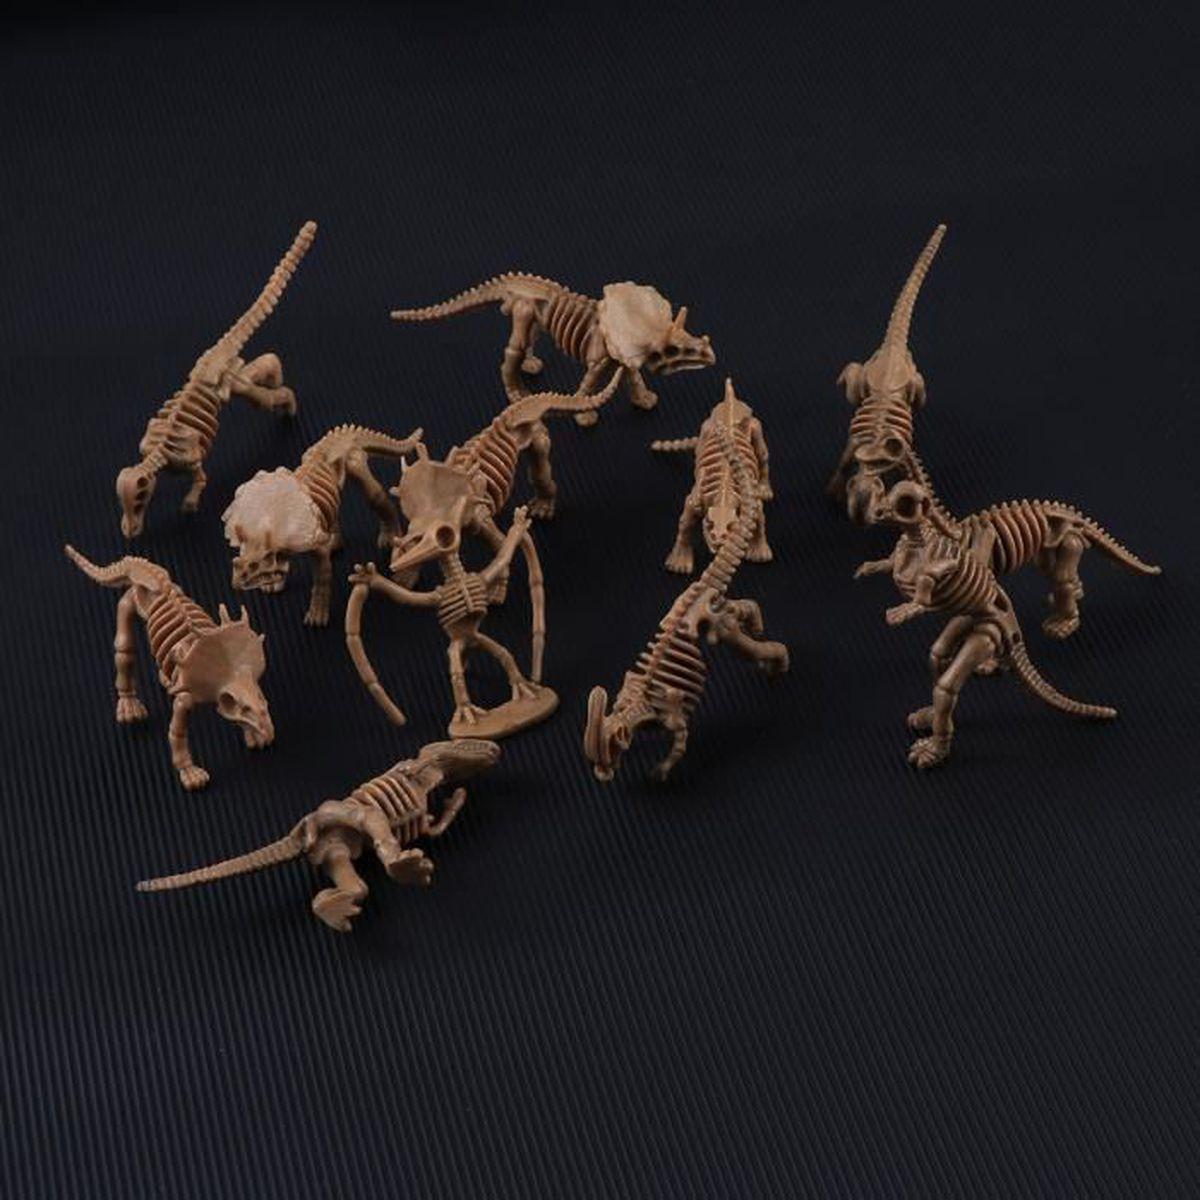 25 pièces Nouveau Plastique Dinosaure Jouets Figures En Couleurs Assorties Préhistoriques Jouet